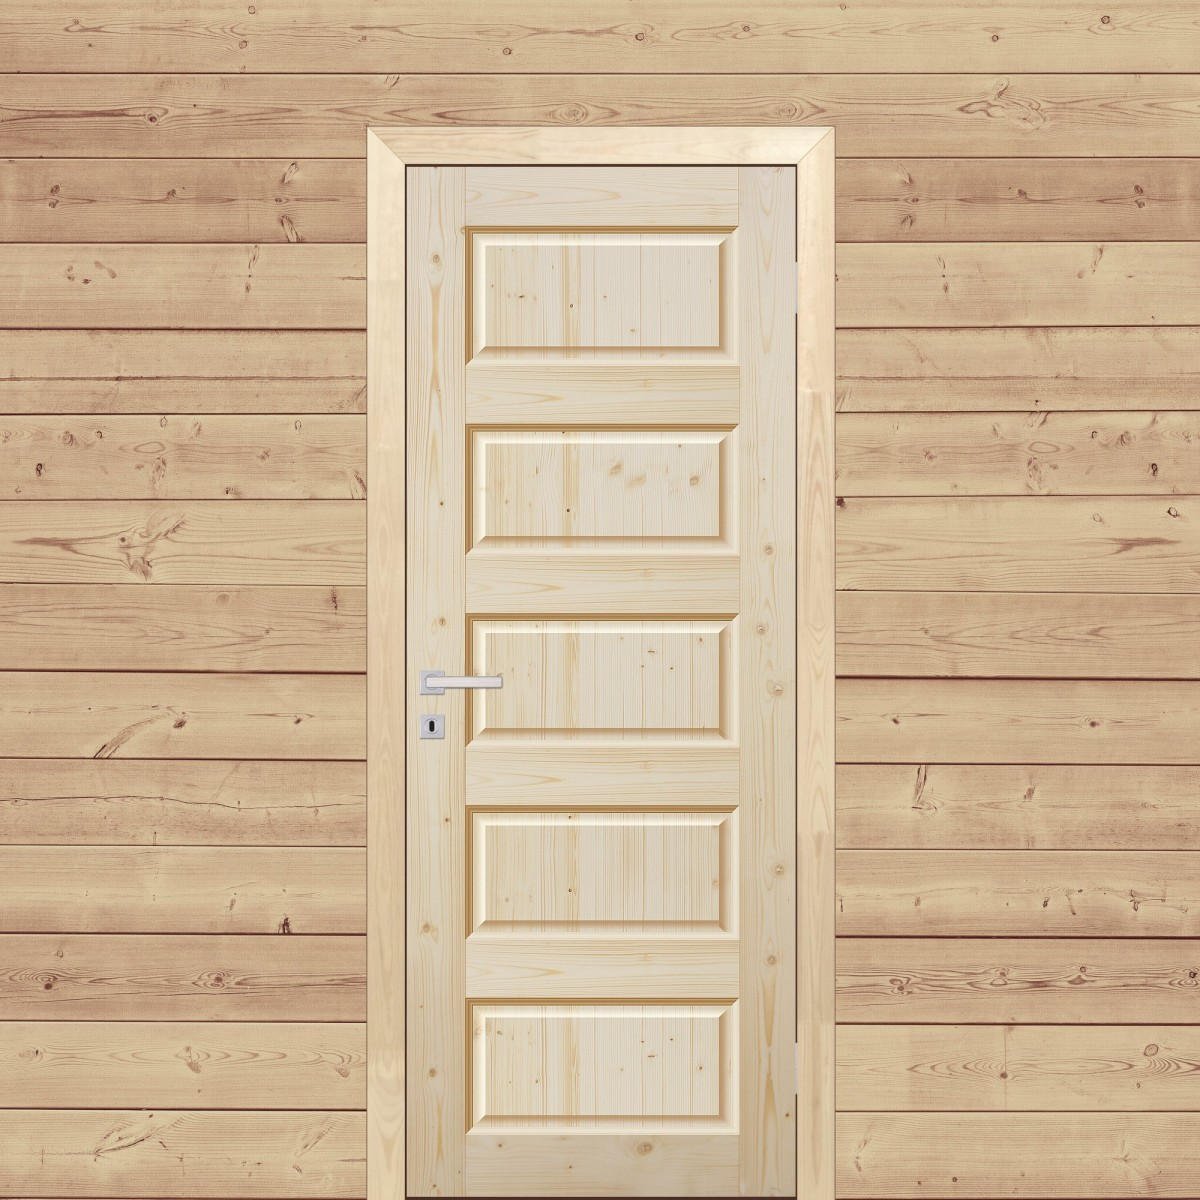 Дверь Межкомнатная Глухая 80x200 Пятифиленчатый Массив Хвои Цвет Натуральный